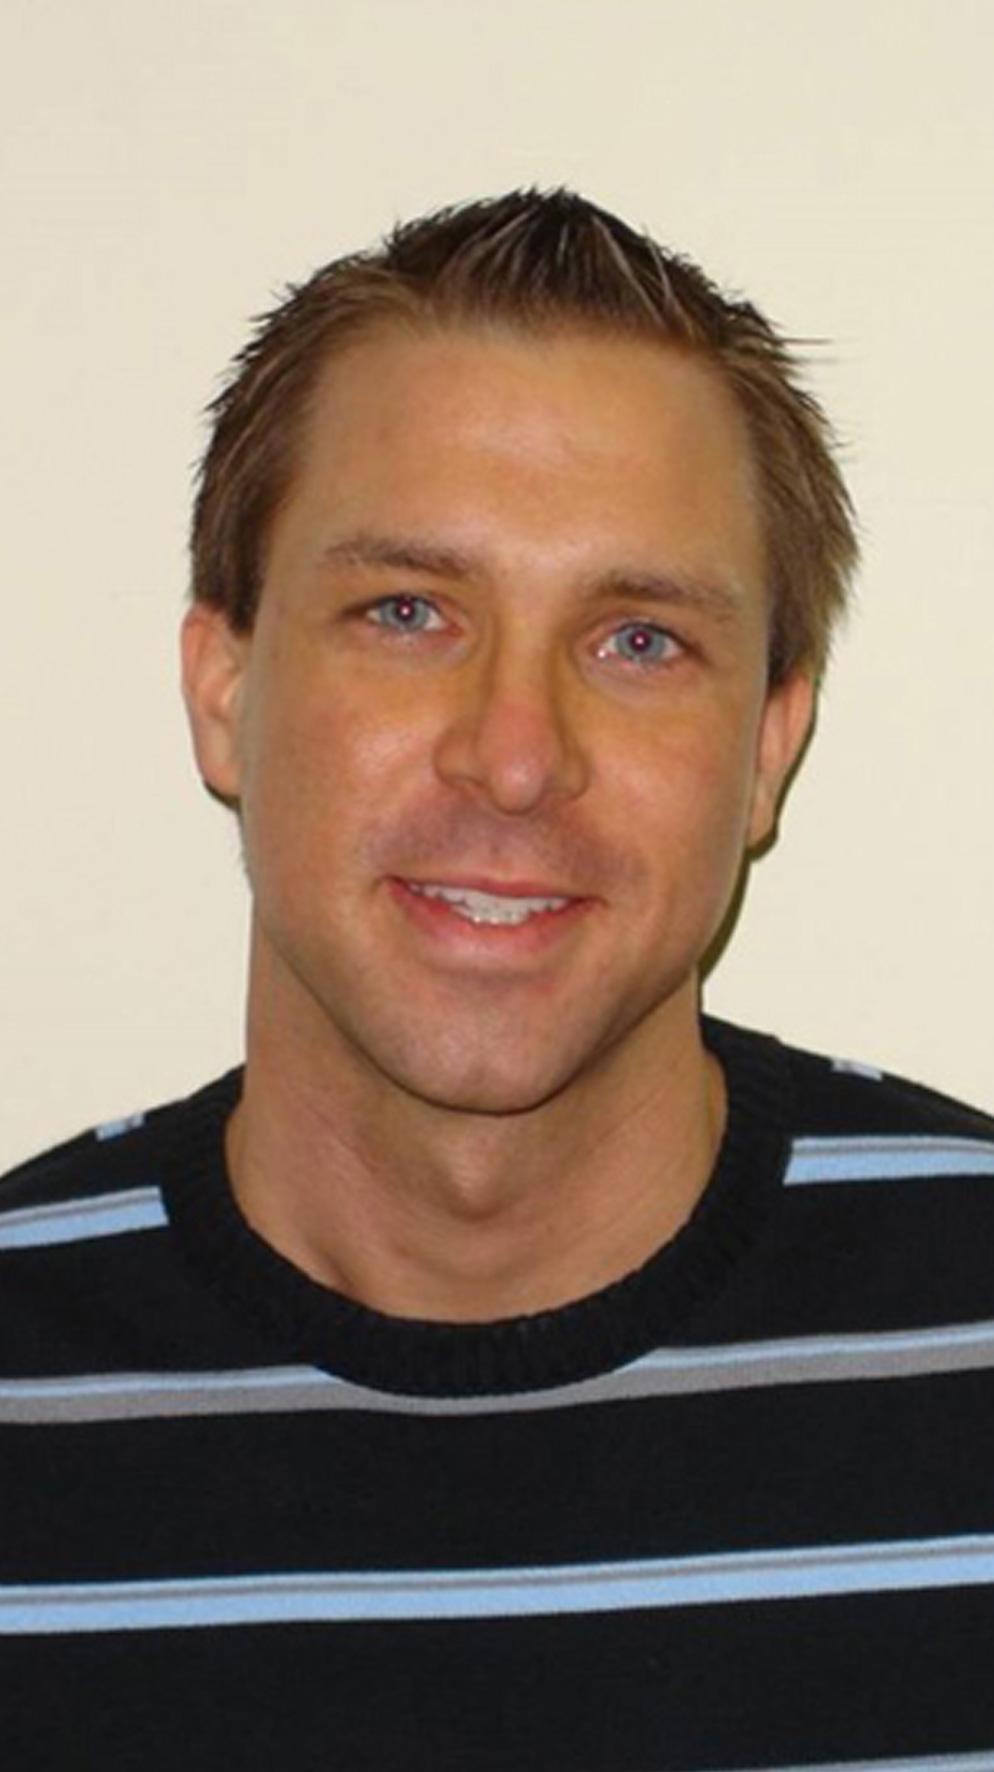 Lars Hunold